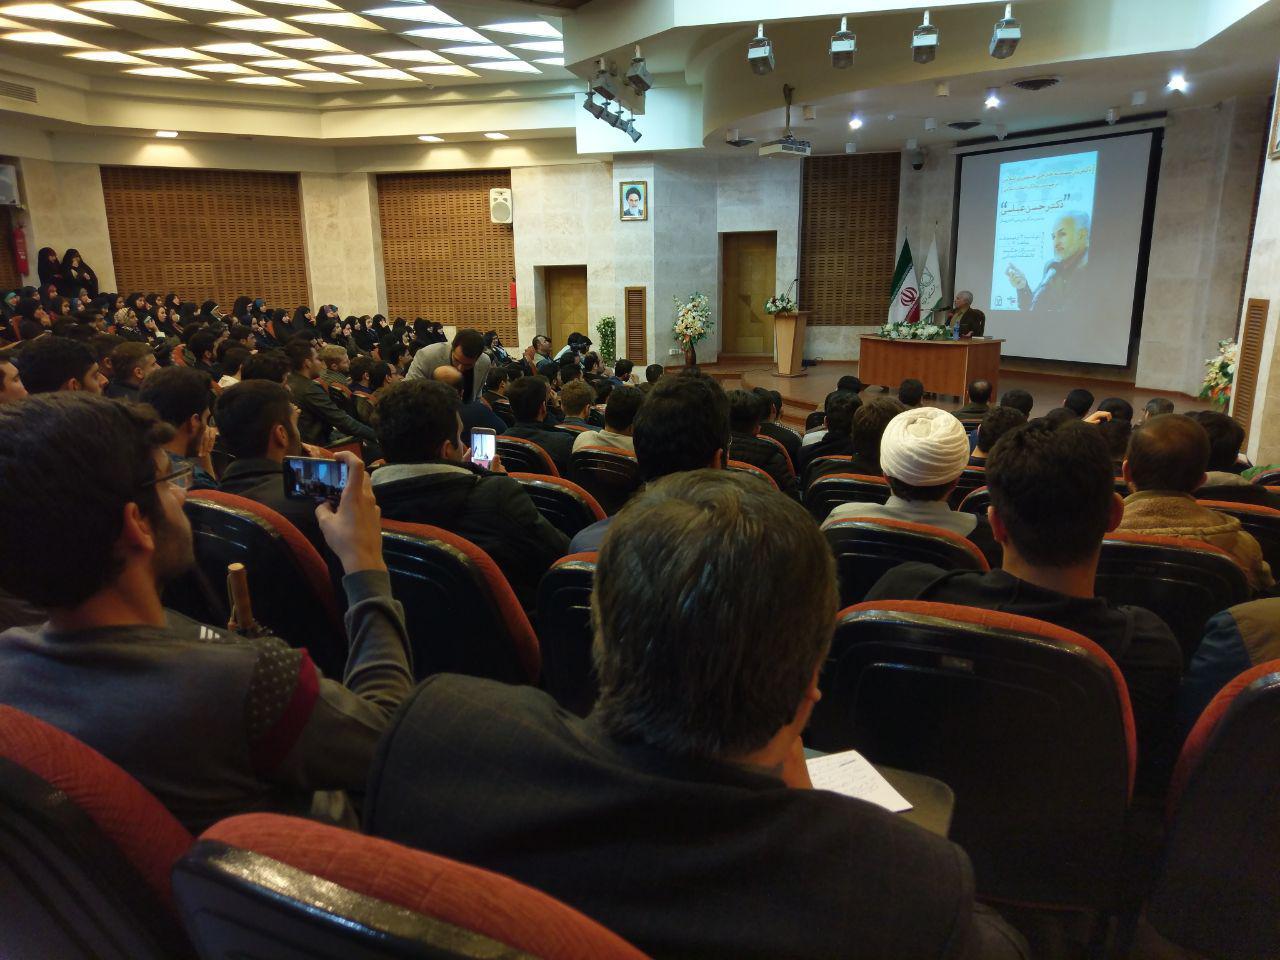 سخنرانی استاد حسن عباسی در دانشگاه گیلان - دکترین سیاست خارجی جمهوری اسلامی در چهلمین سالگرد انقلاب اسلامی